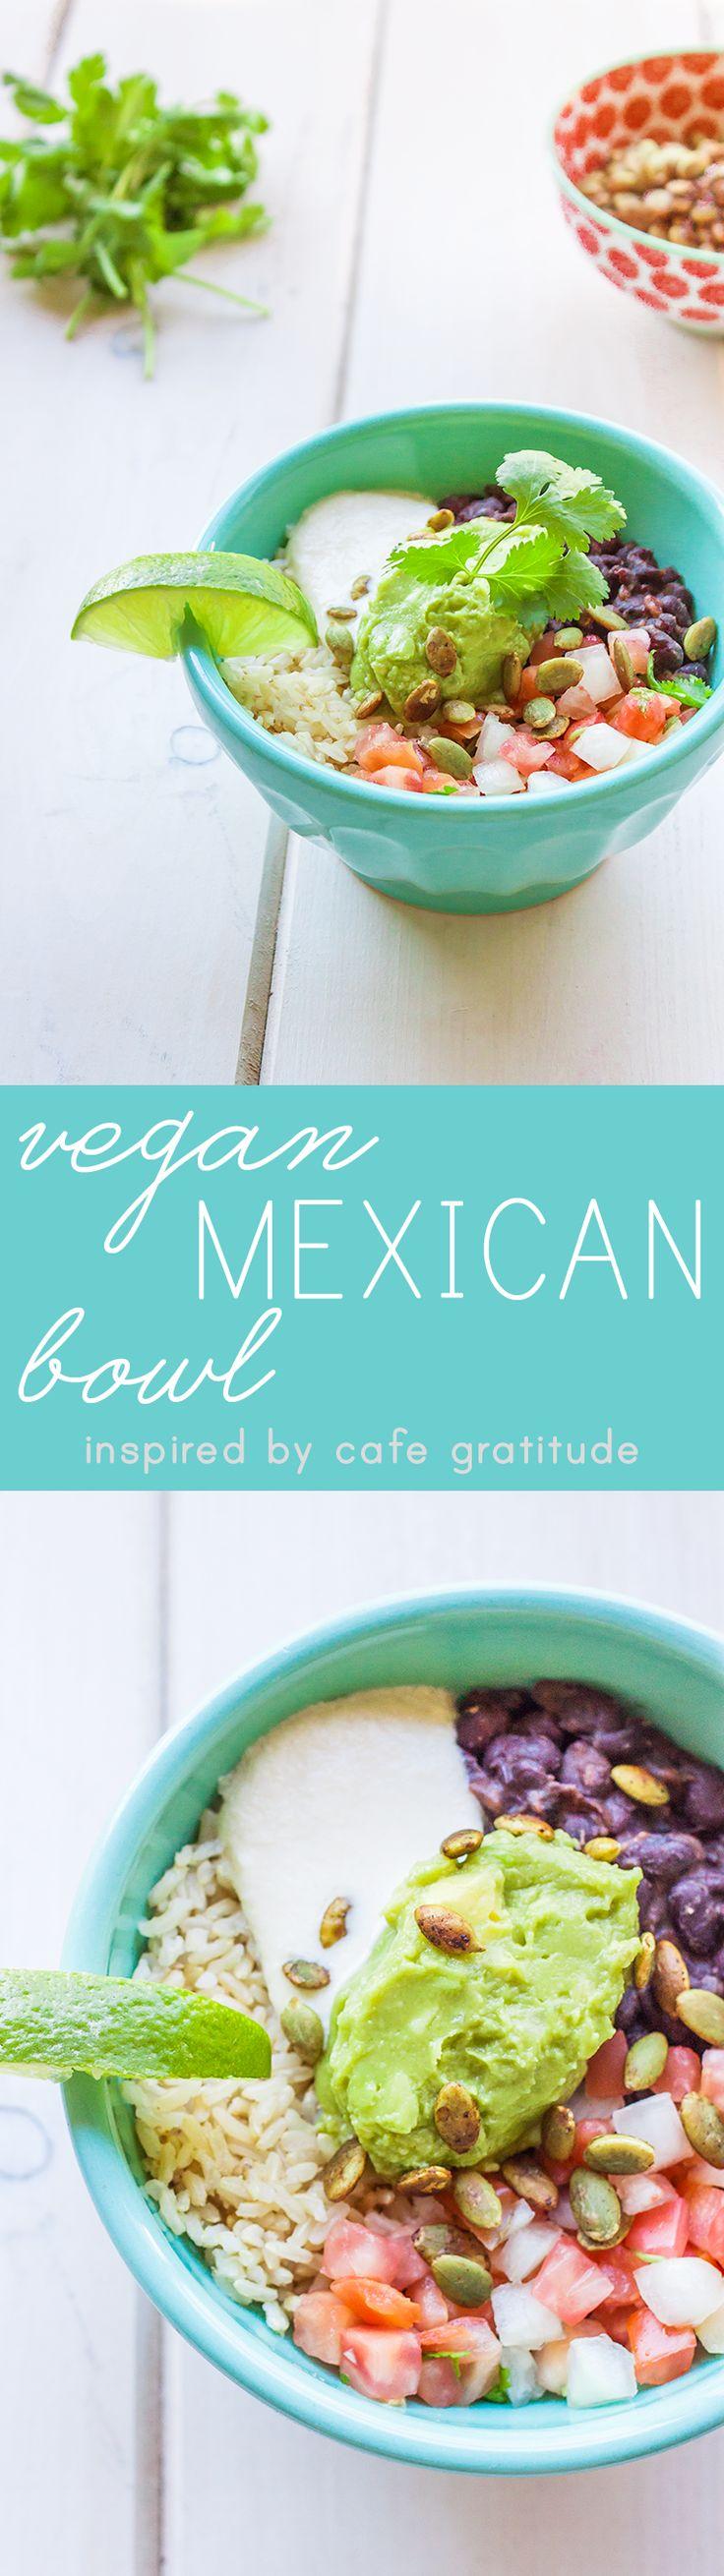 42 best Cafe gratitude images on Pinterest | Cafe gratitude, Vegan ...